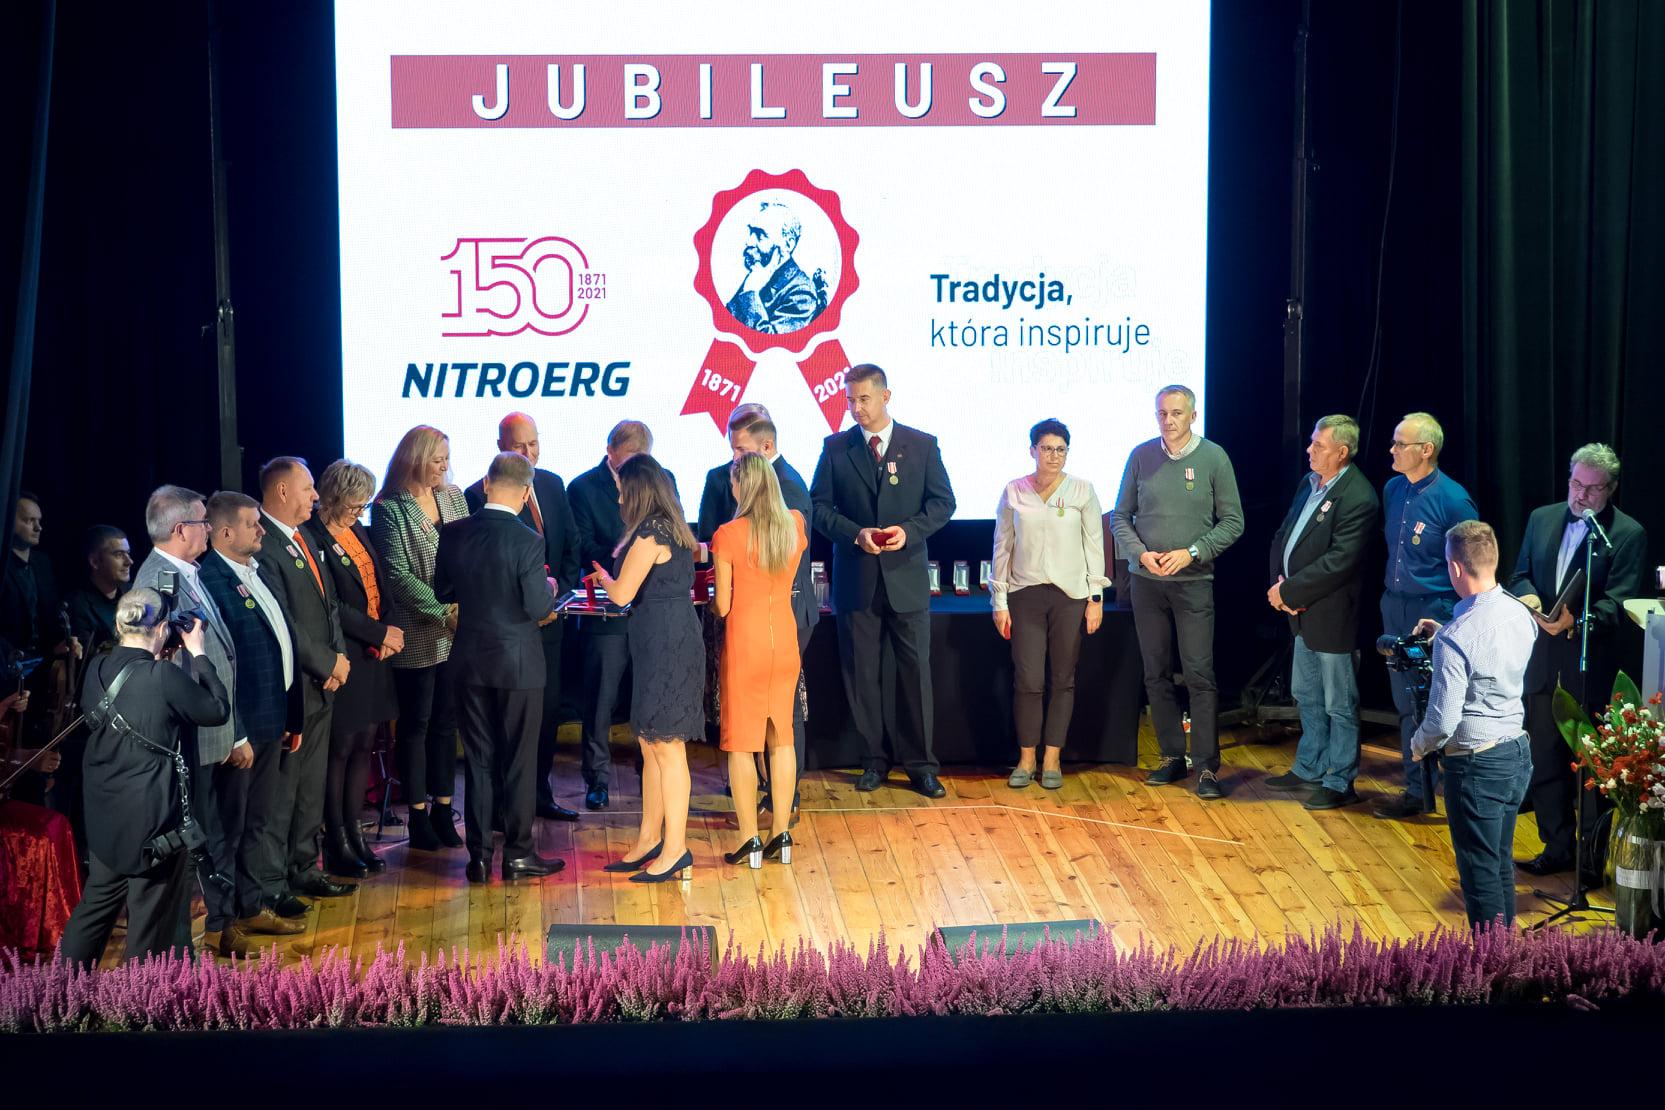 grupa osób stoi na scenie za nimi na ścianie logo firmy